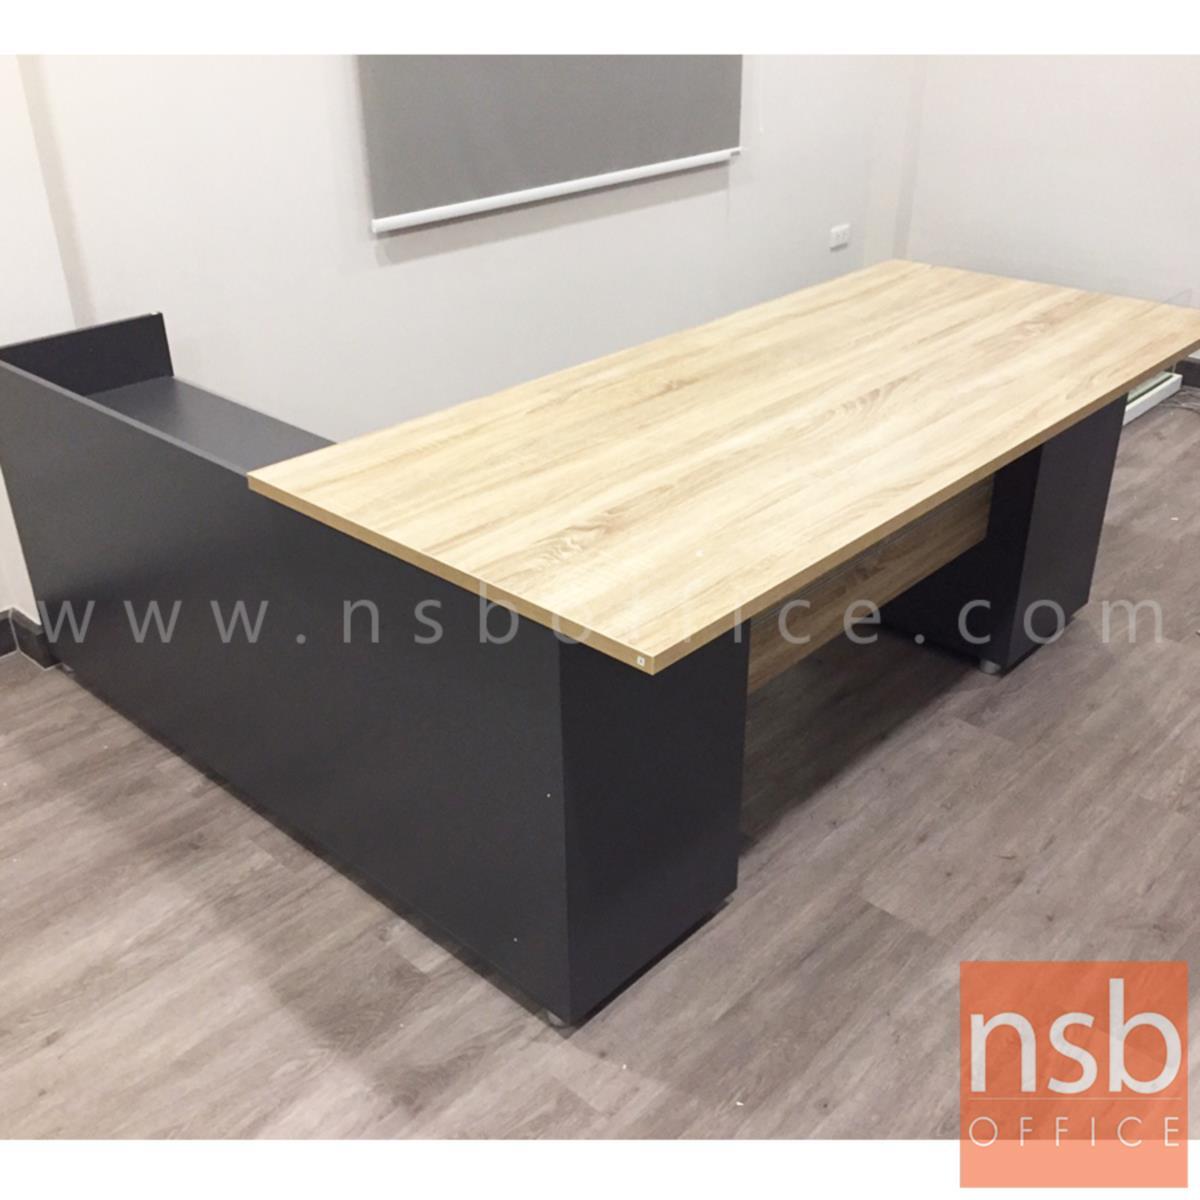 โต๊ะทำงานผู้บริหาร 2 ลิ้นชัก  รุ่น RTK-1818  ขนาด 180W cm. พร้อมตู้แอลขวา เมลามีน สีแกรนโอ๊คตัดกราไฟท์